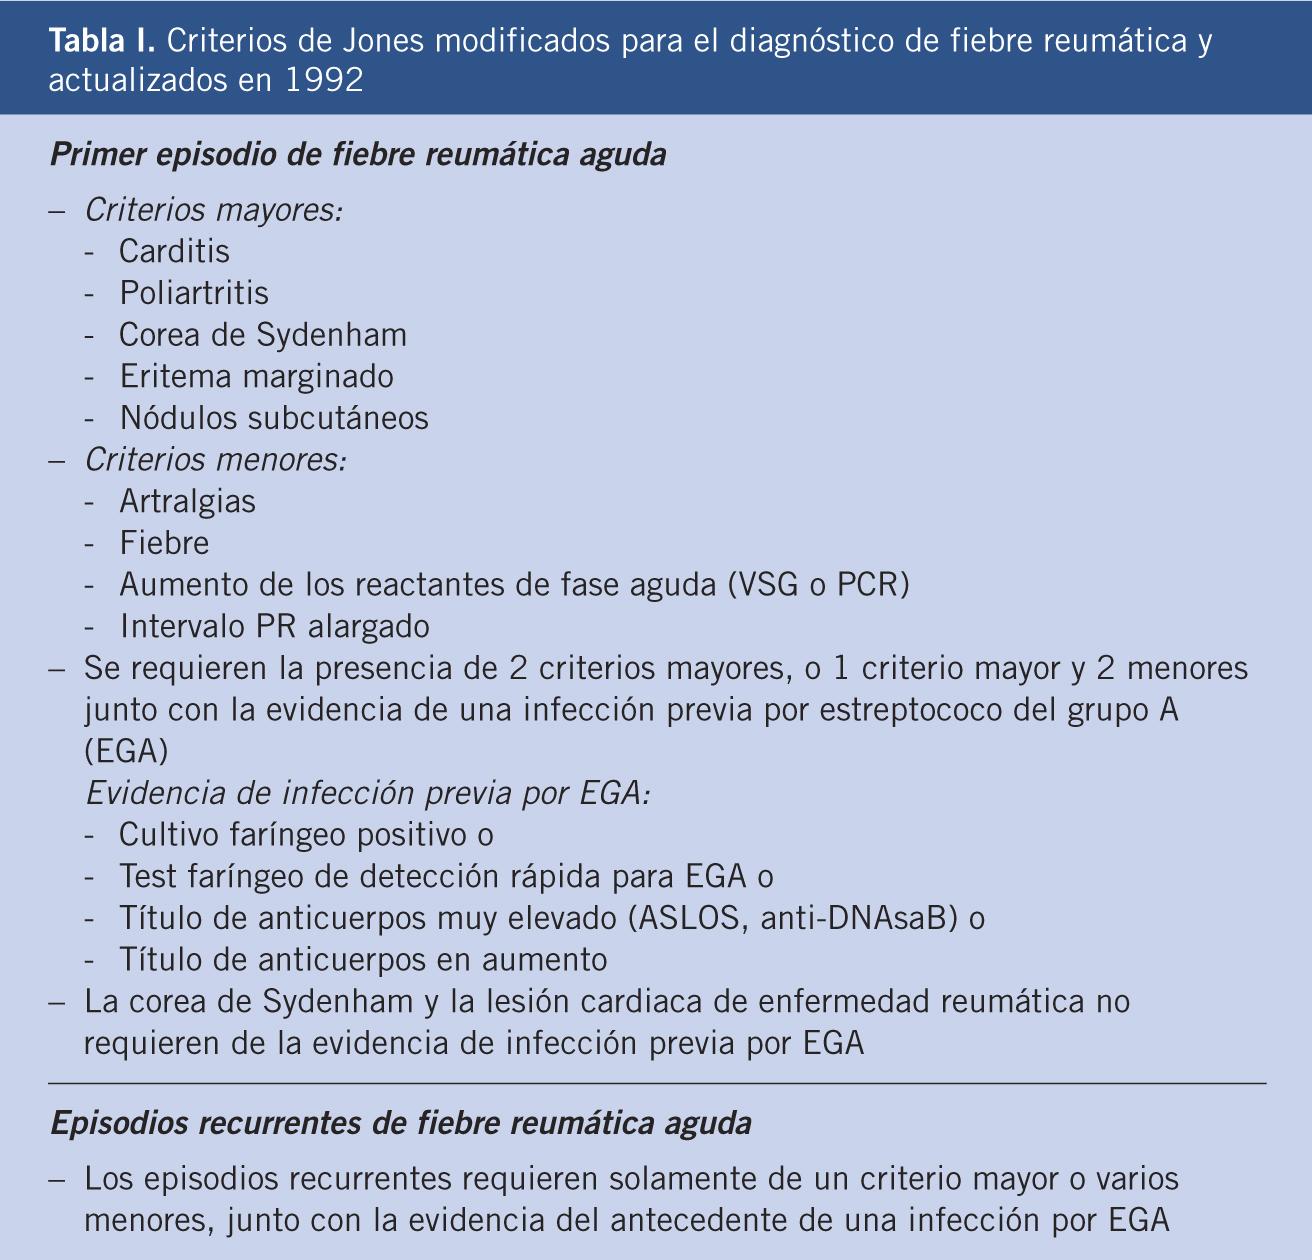 sintomas de fiebre reumatica en hombres